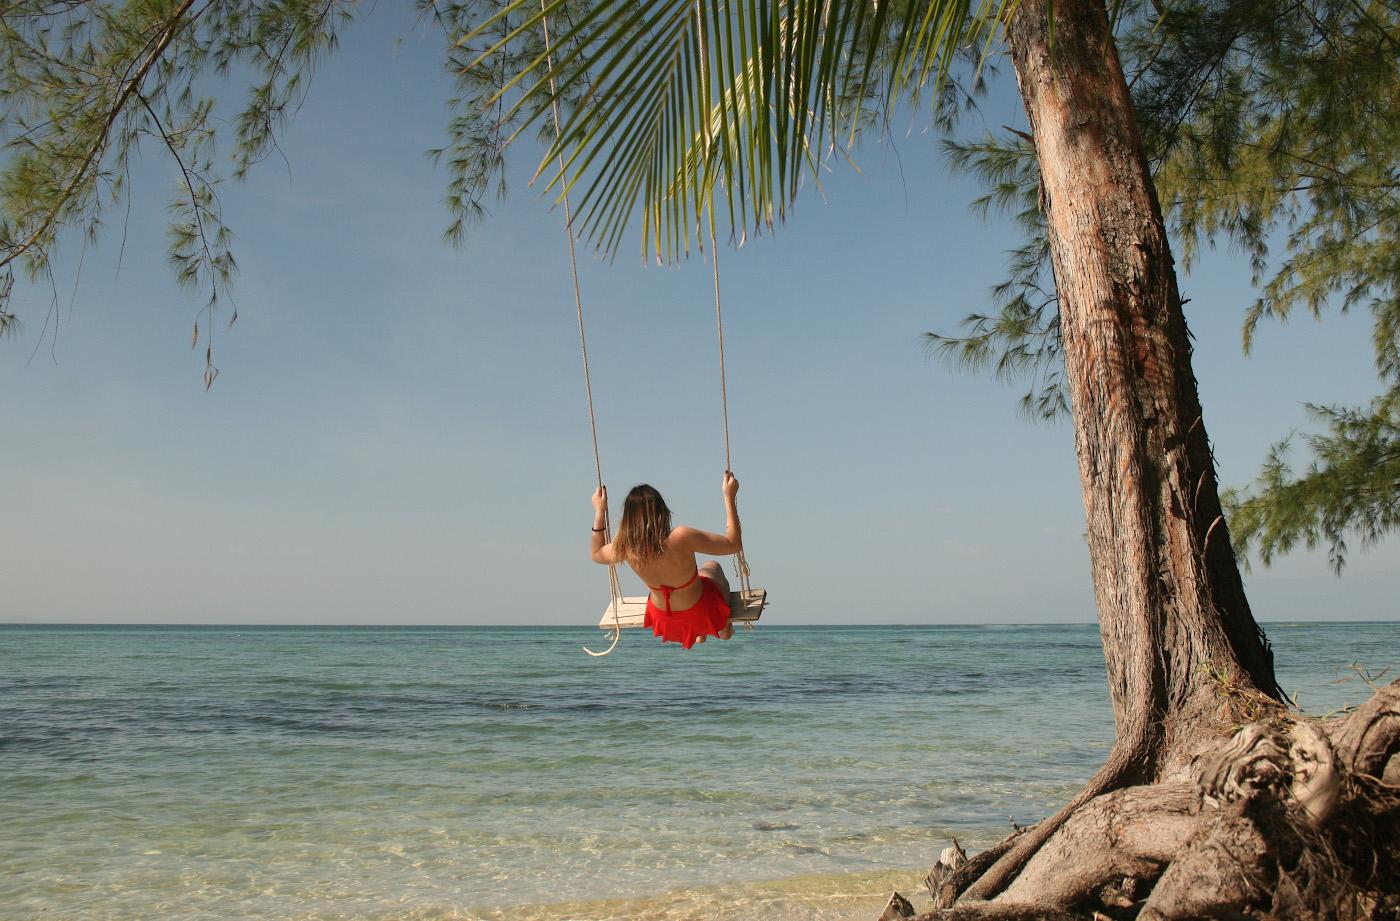 17. Так выглядит идеальный пляж на острове Фукуок во Вьетнаме. 1/500, 8.0, 400, 80.